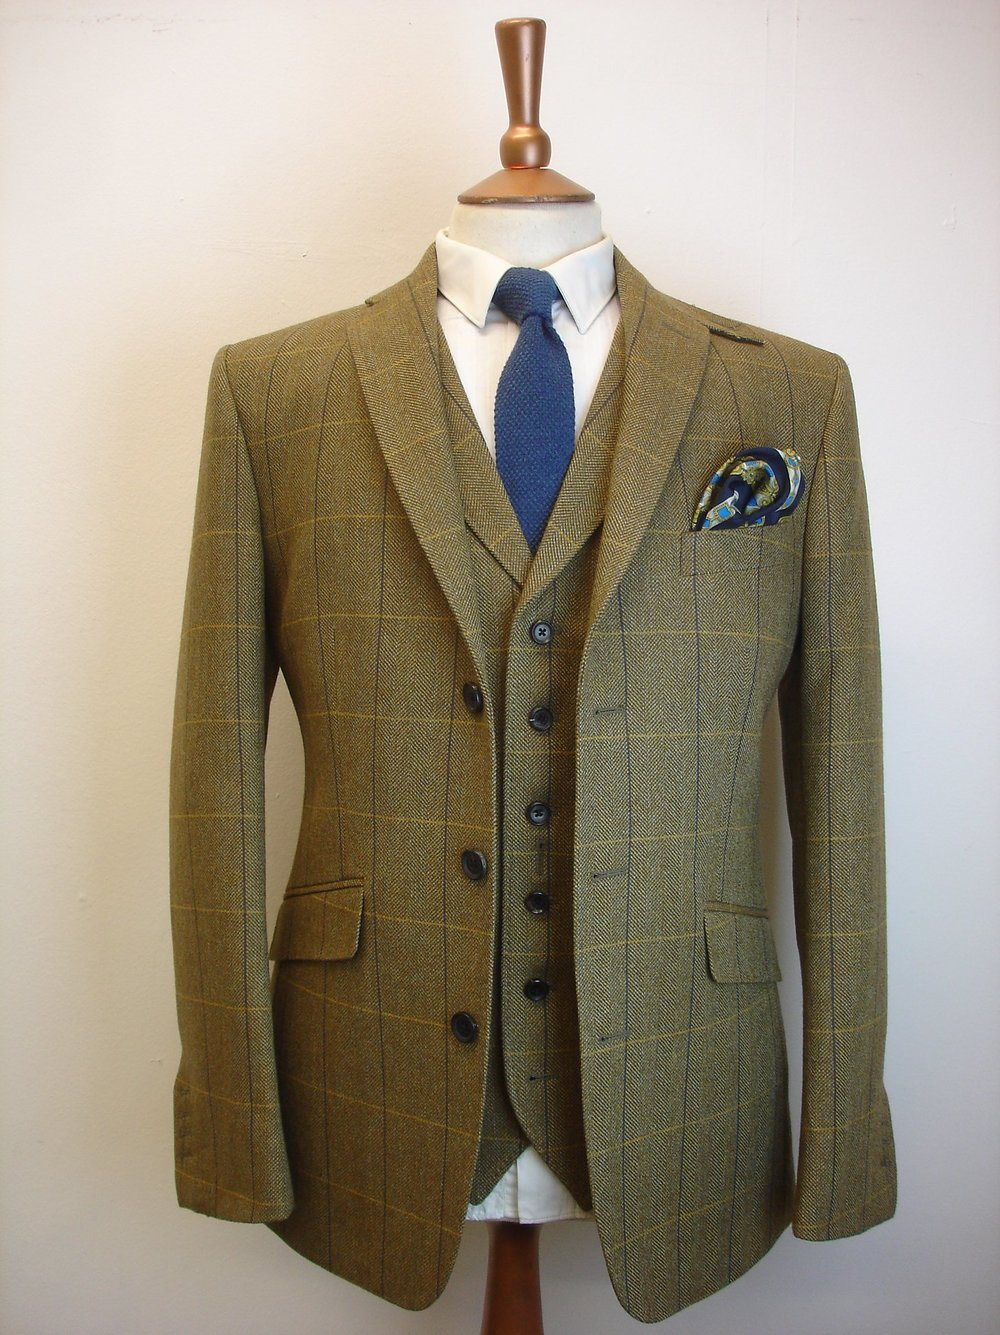 Porter & Harding Hartwist Tweed Suit (10).jpg